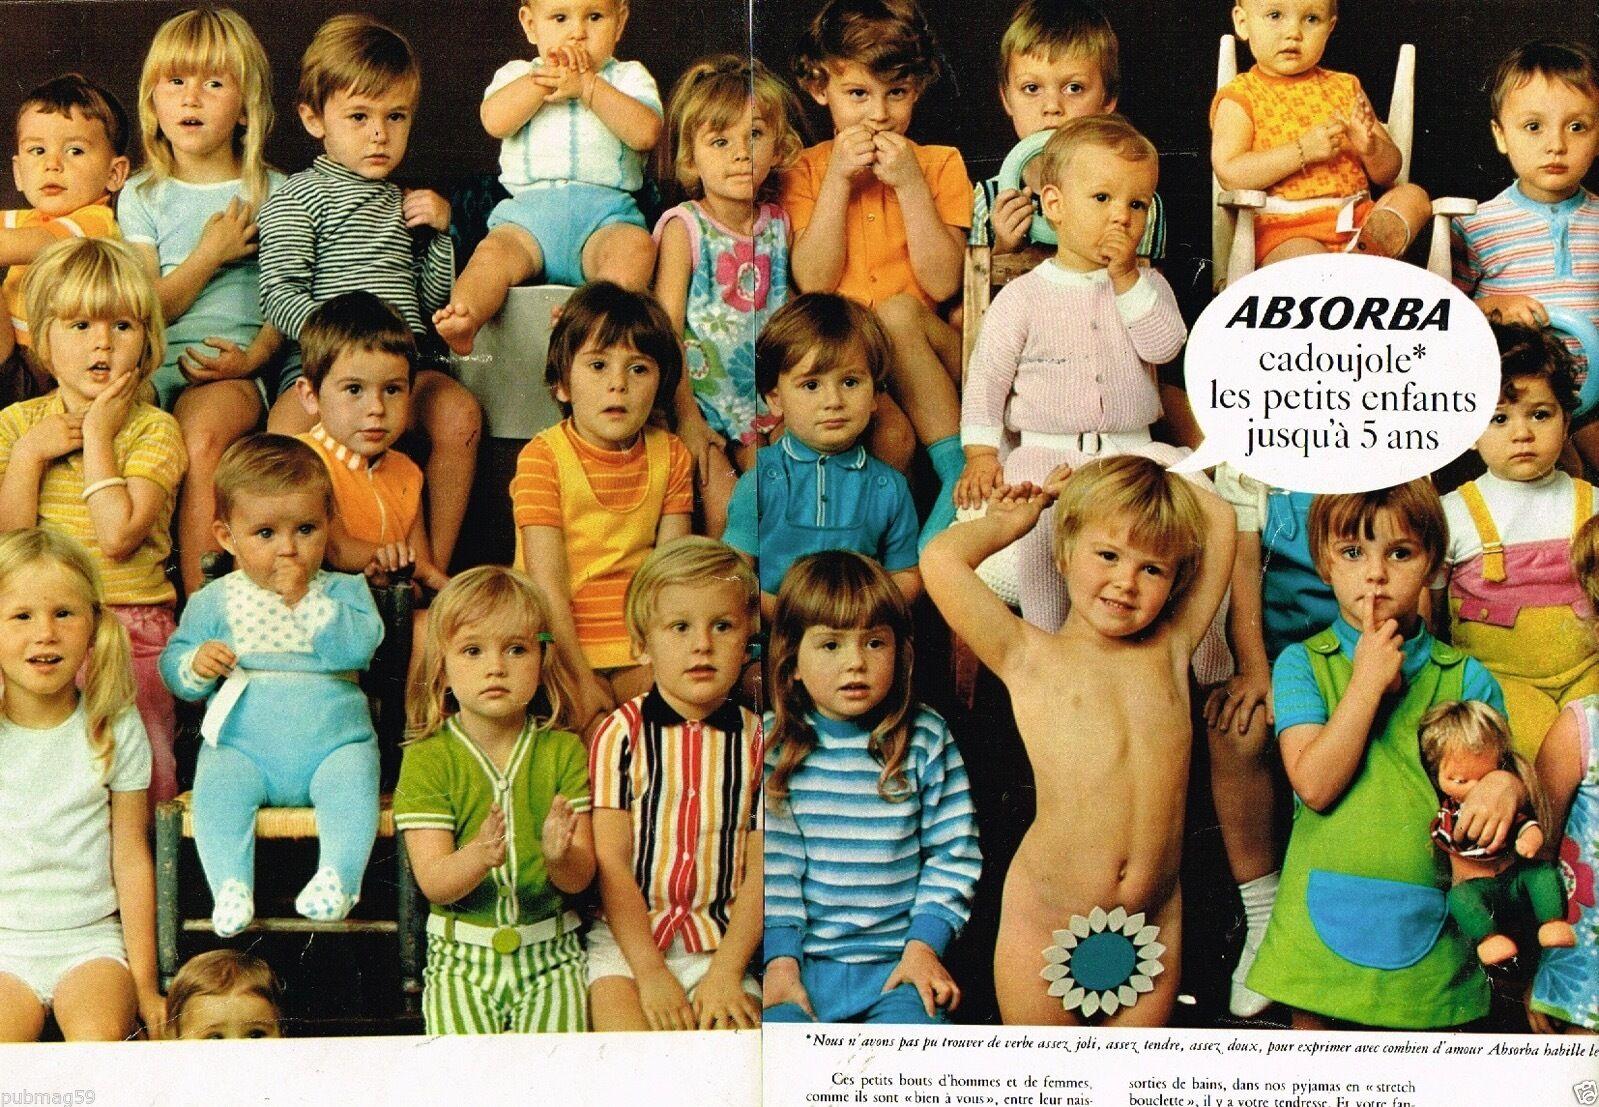 1968 Vetements Absorba